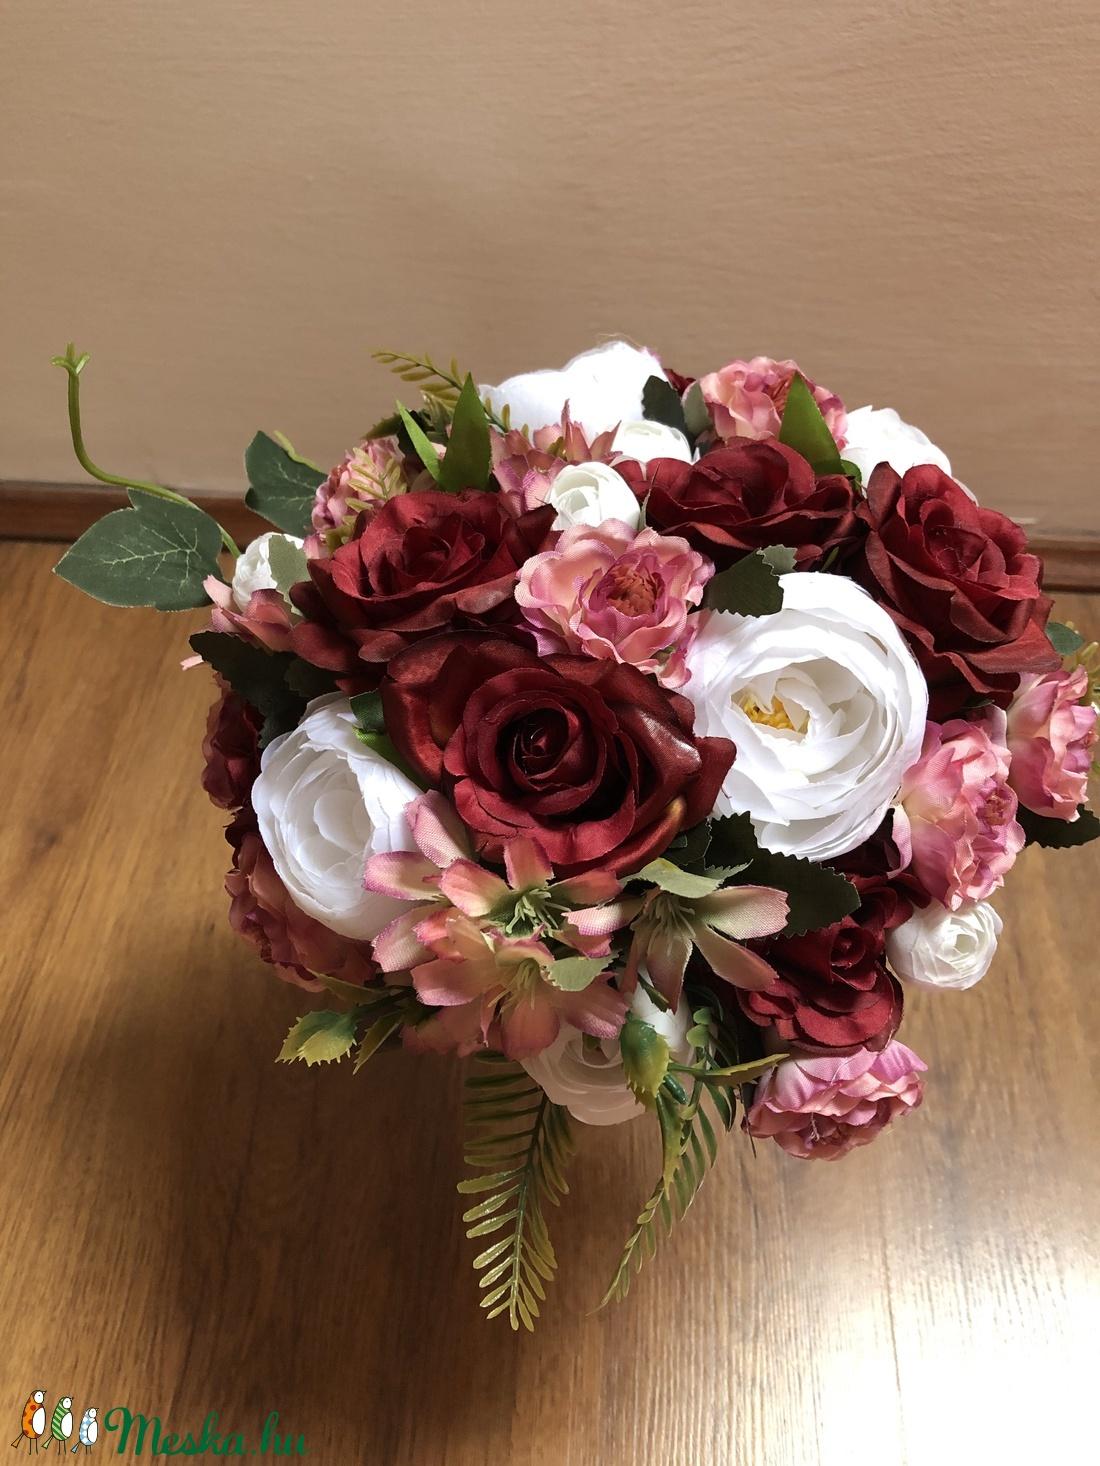 Bordó és fehér rózsaszín rózsás menyasszonyi örökcsokor - esküvő - menyasszonyi- és dobócsokor - Meska.hu